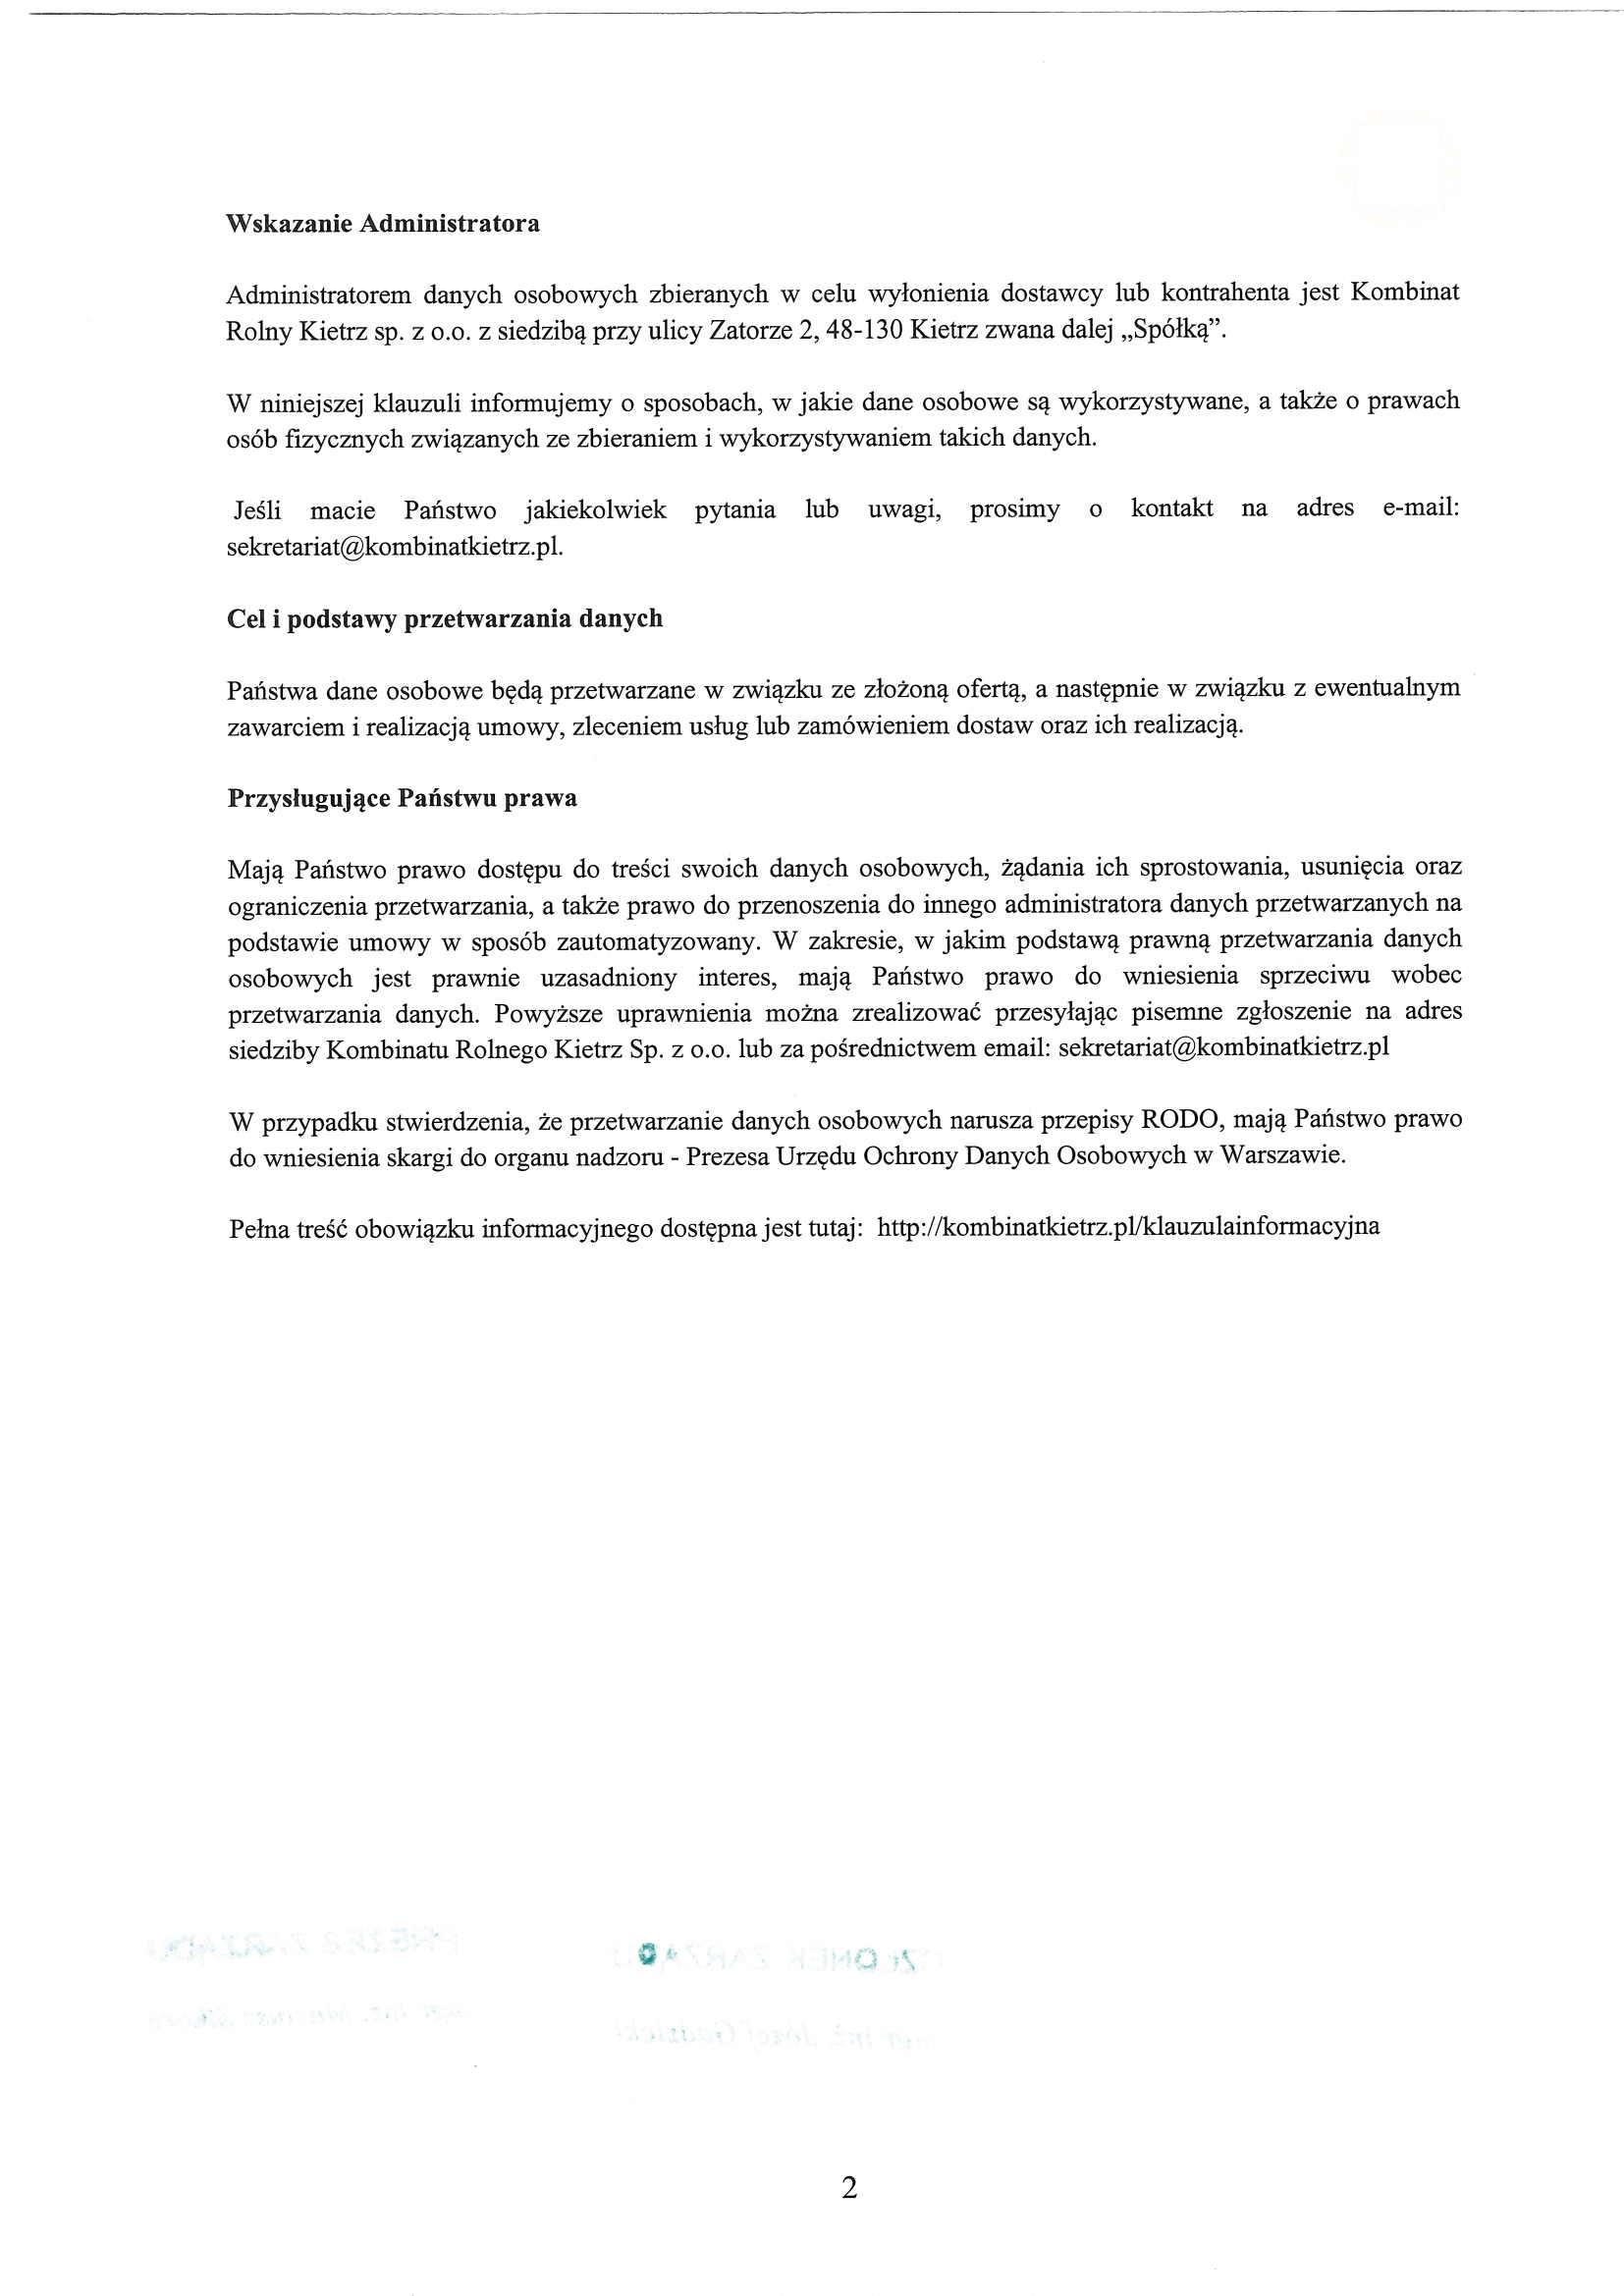 krkietrzsekretariatgmailcom-001jpg